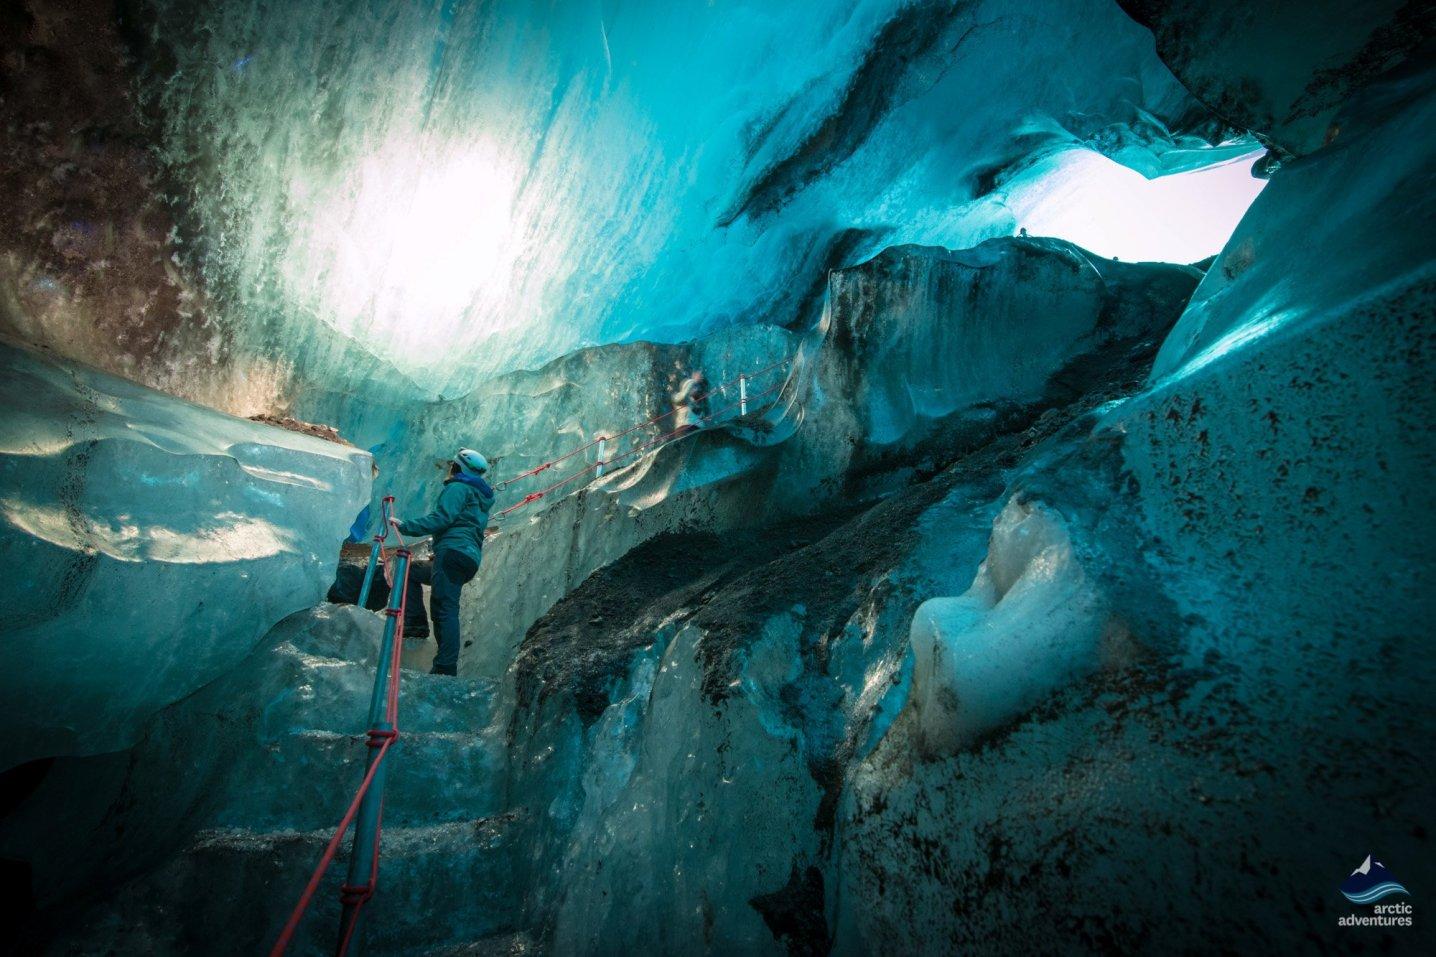 Photo by Arctic Adventures